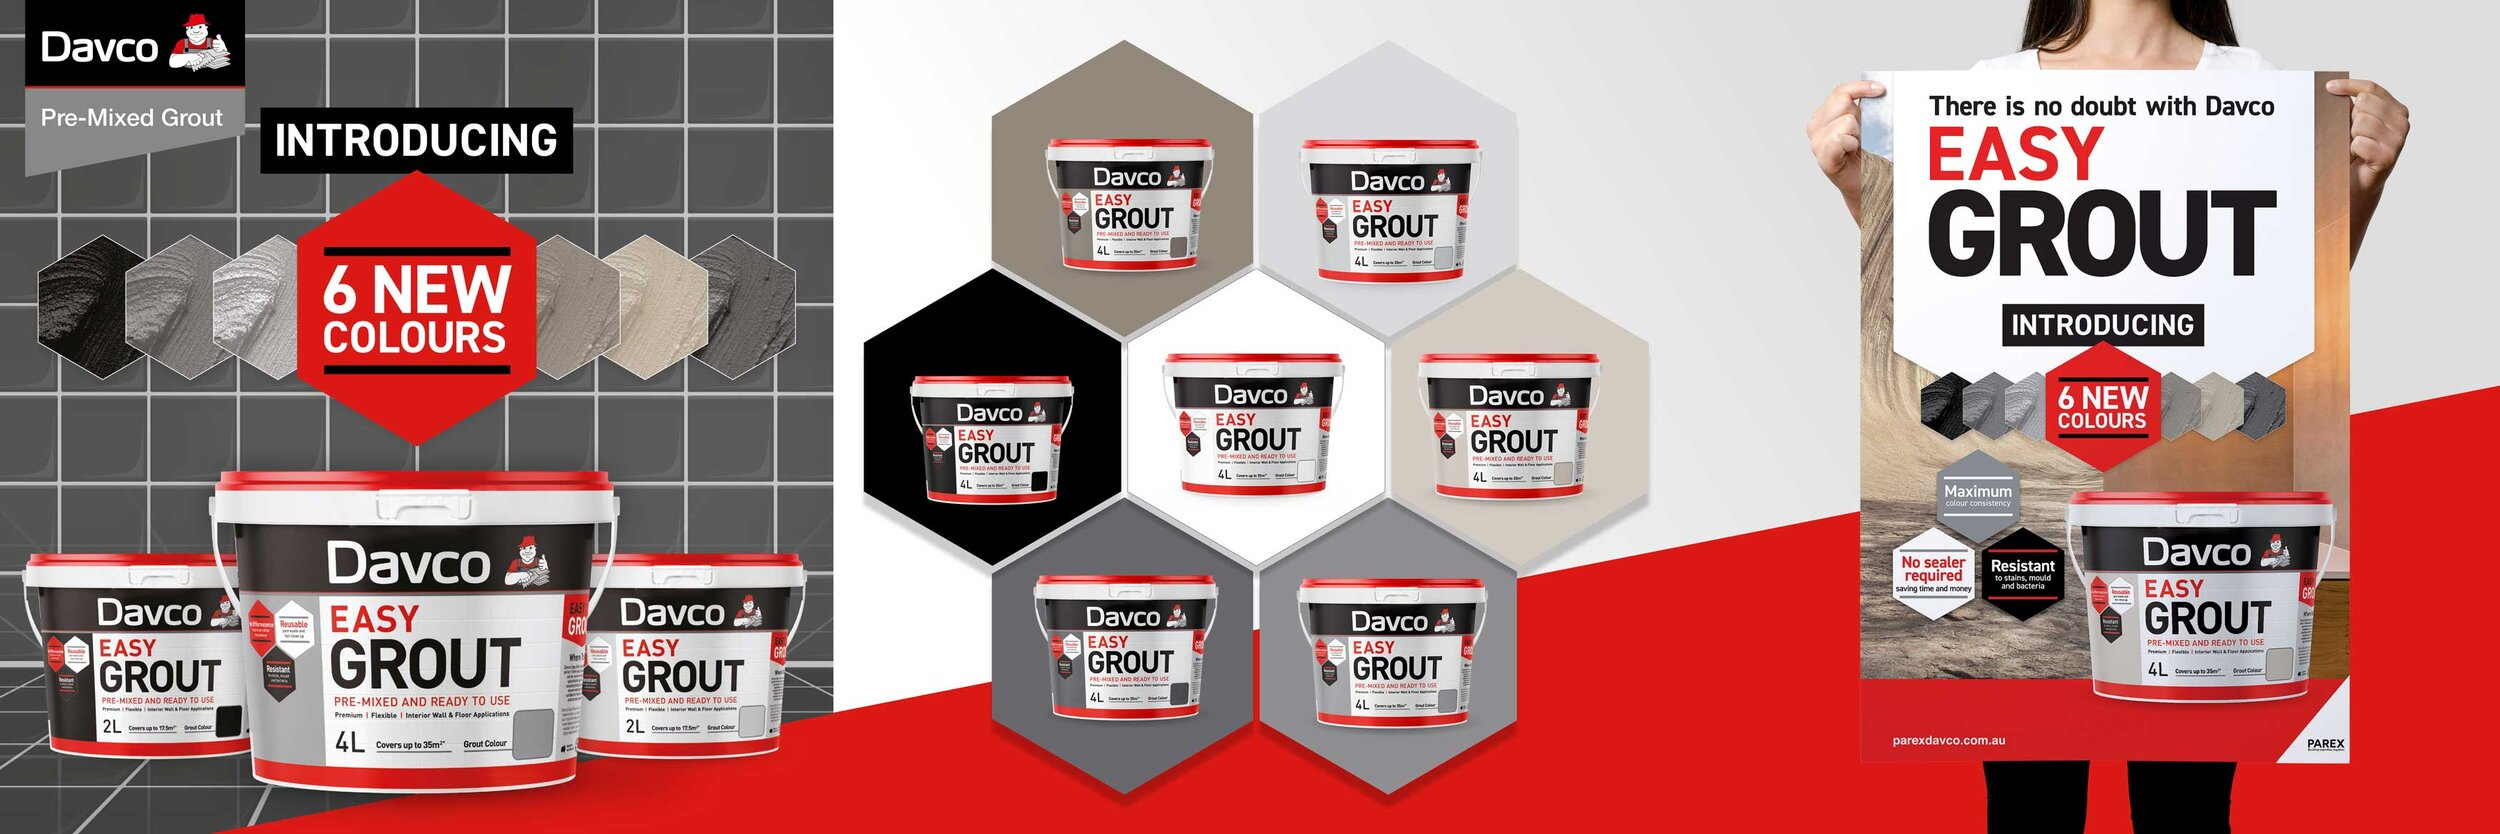 Easy-Grout_Branding-Packaging-Design_2.jpg